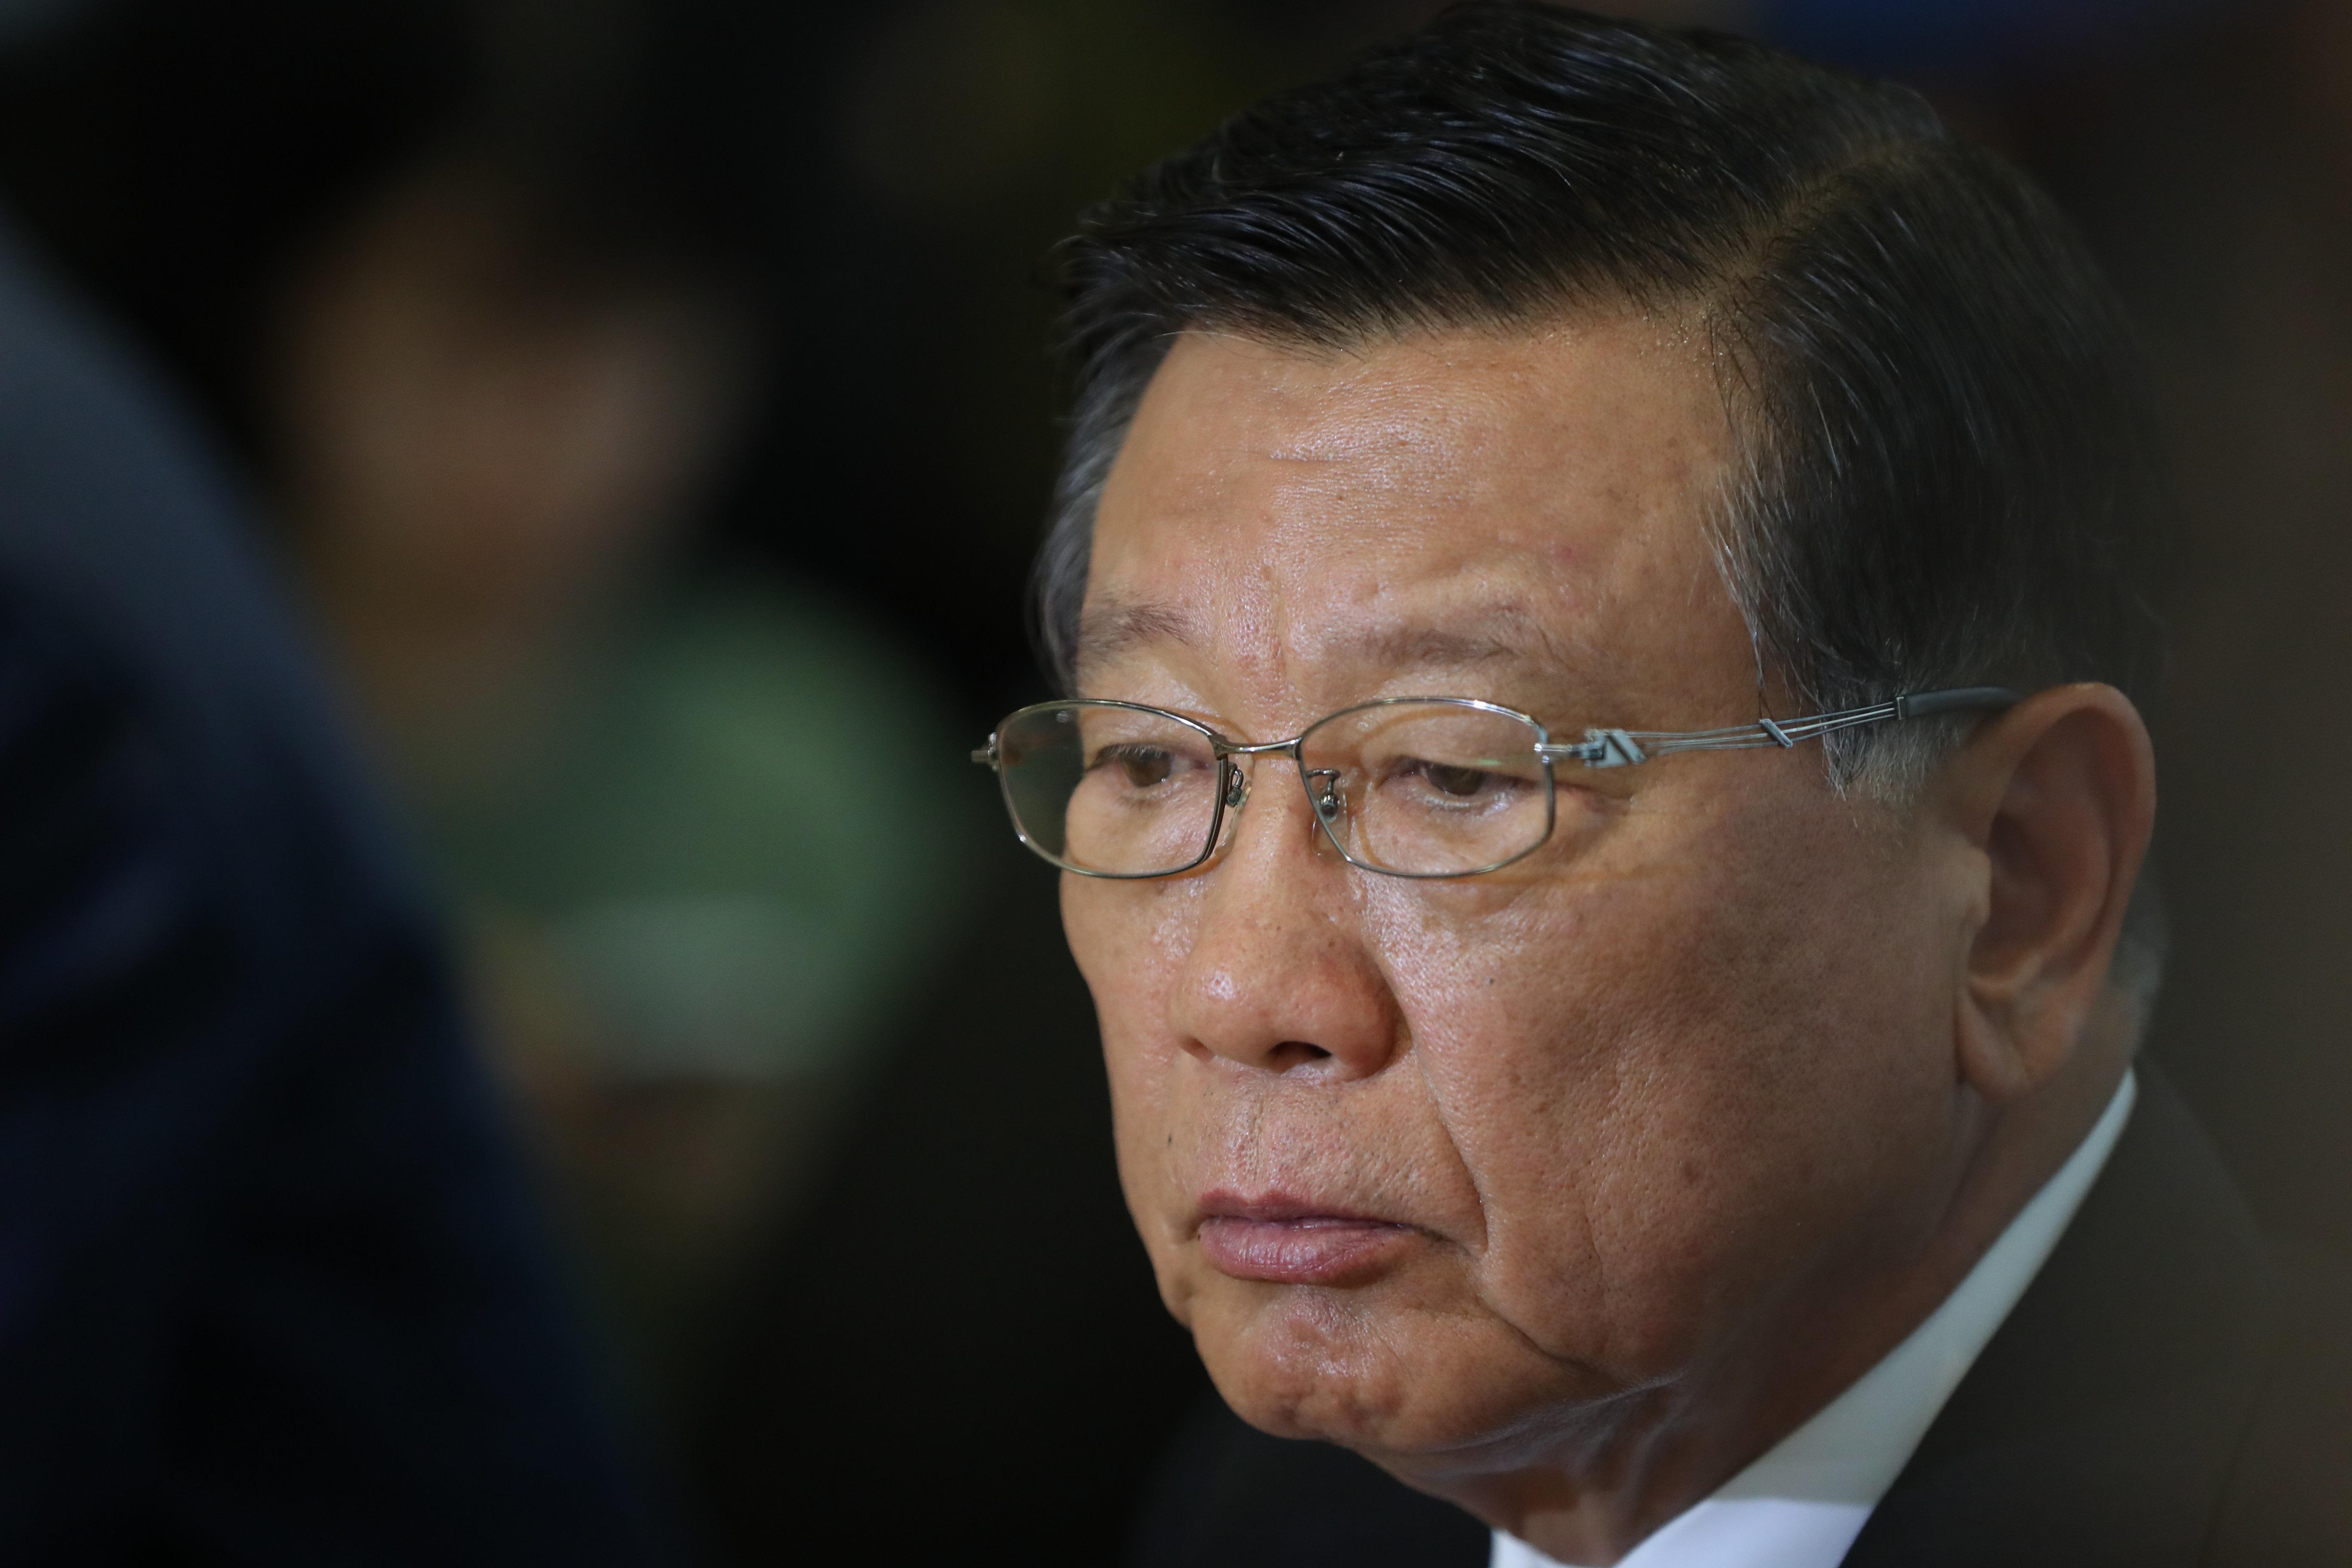 박삼구 회장 전격 퇴진까지, 급박했던 아시아나항공의